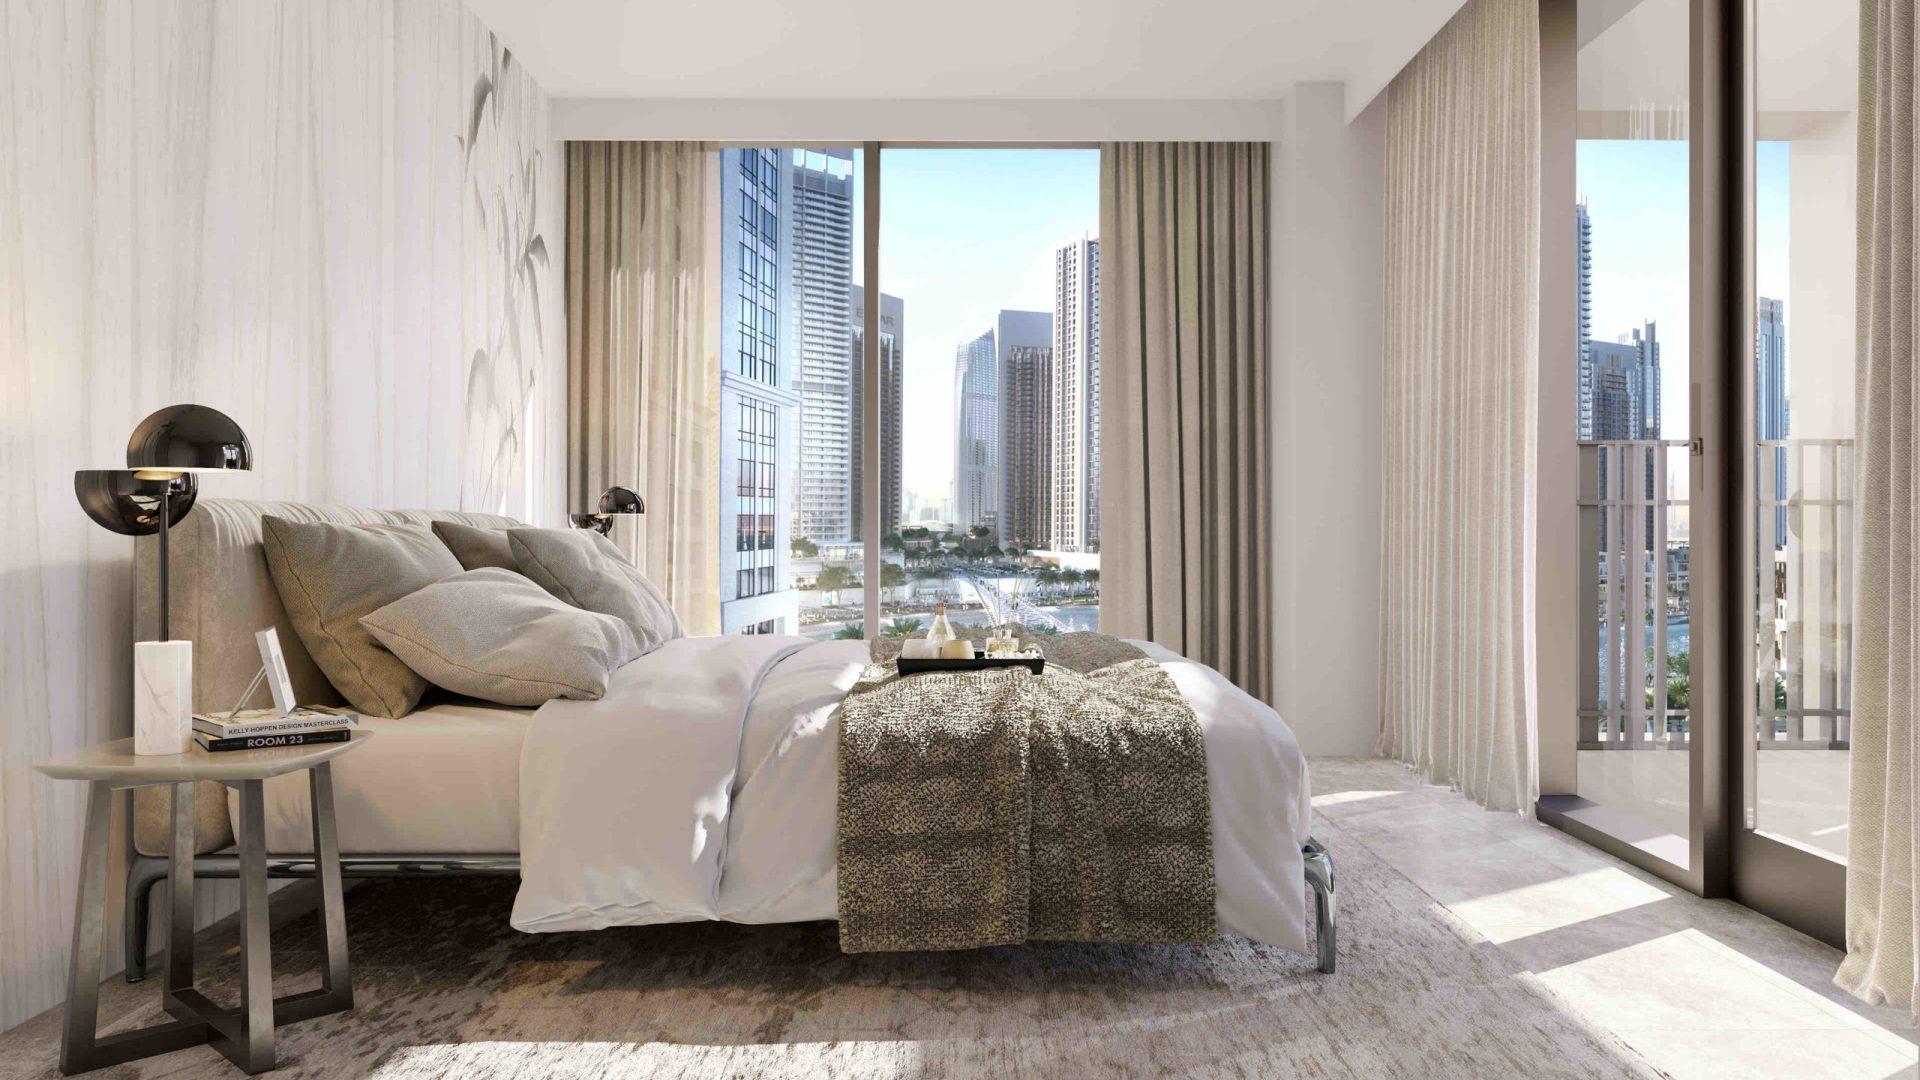 Apartamento en venta en Dubai, EAU, 3 dormitorios, 142 m2, № 24620 – foto 1